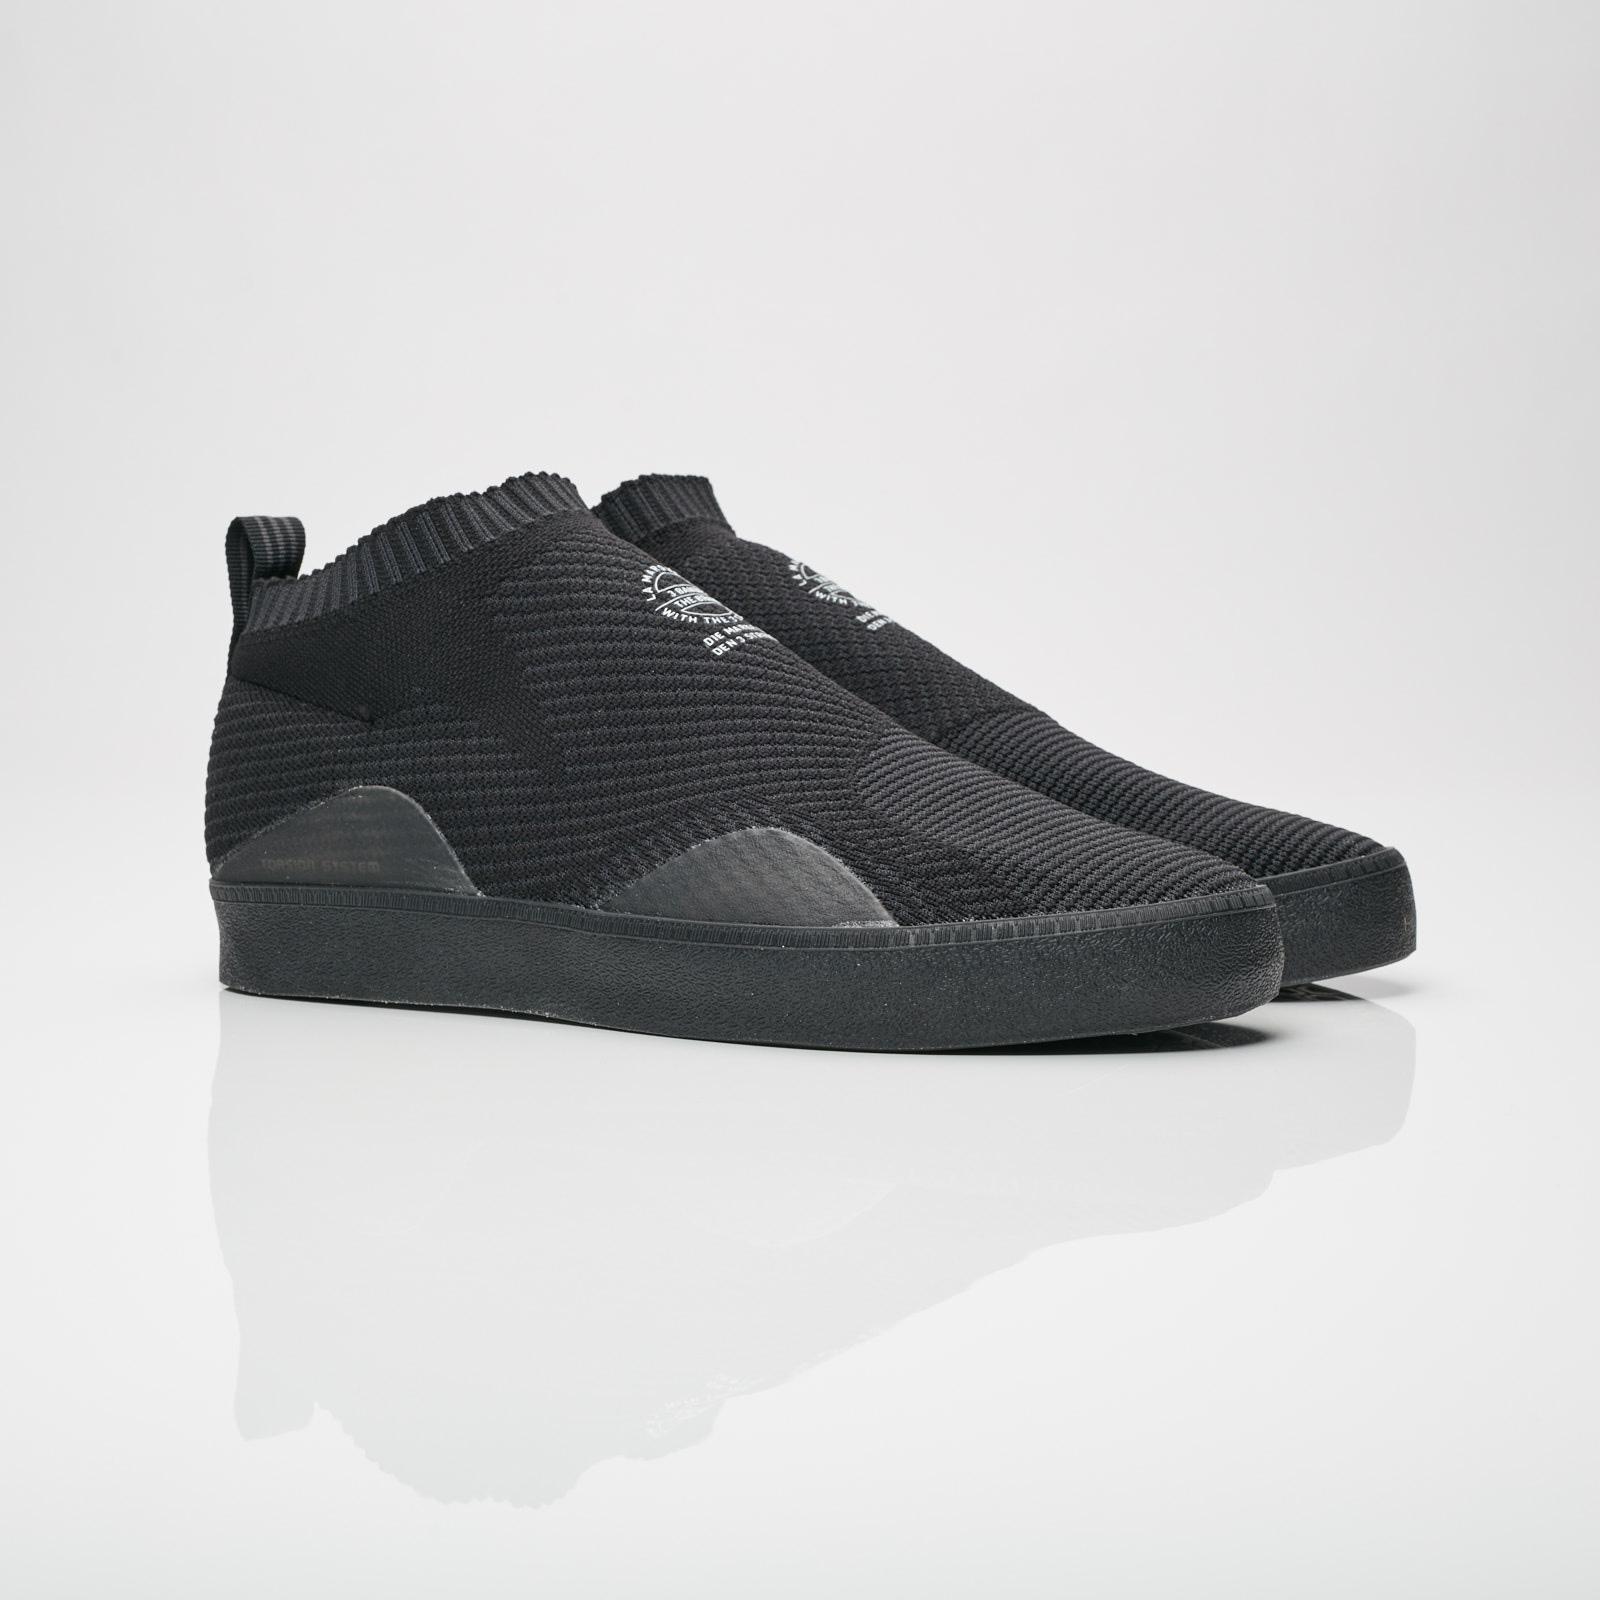 adidas Originals Men's 3st.002 Pk Skate Shoe